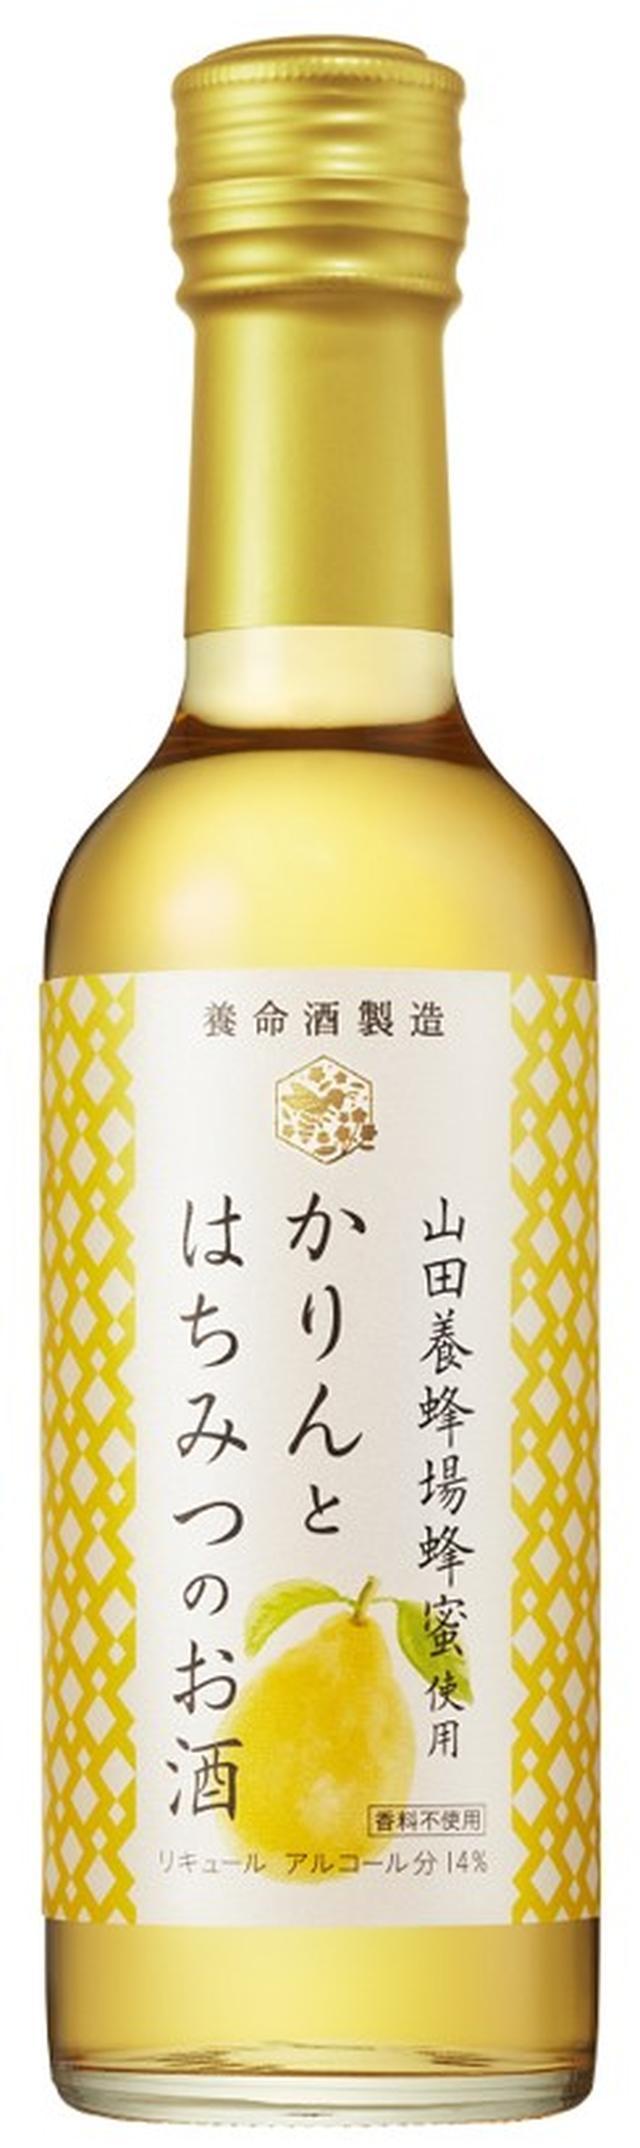 画像1: 養命酒製造のハーブと山田養蜂場の蜂蜜を使用した「かりんとはちみつのお酒」